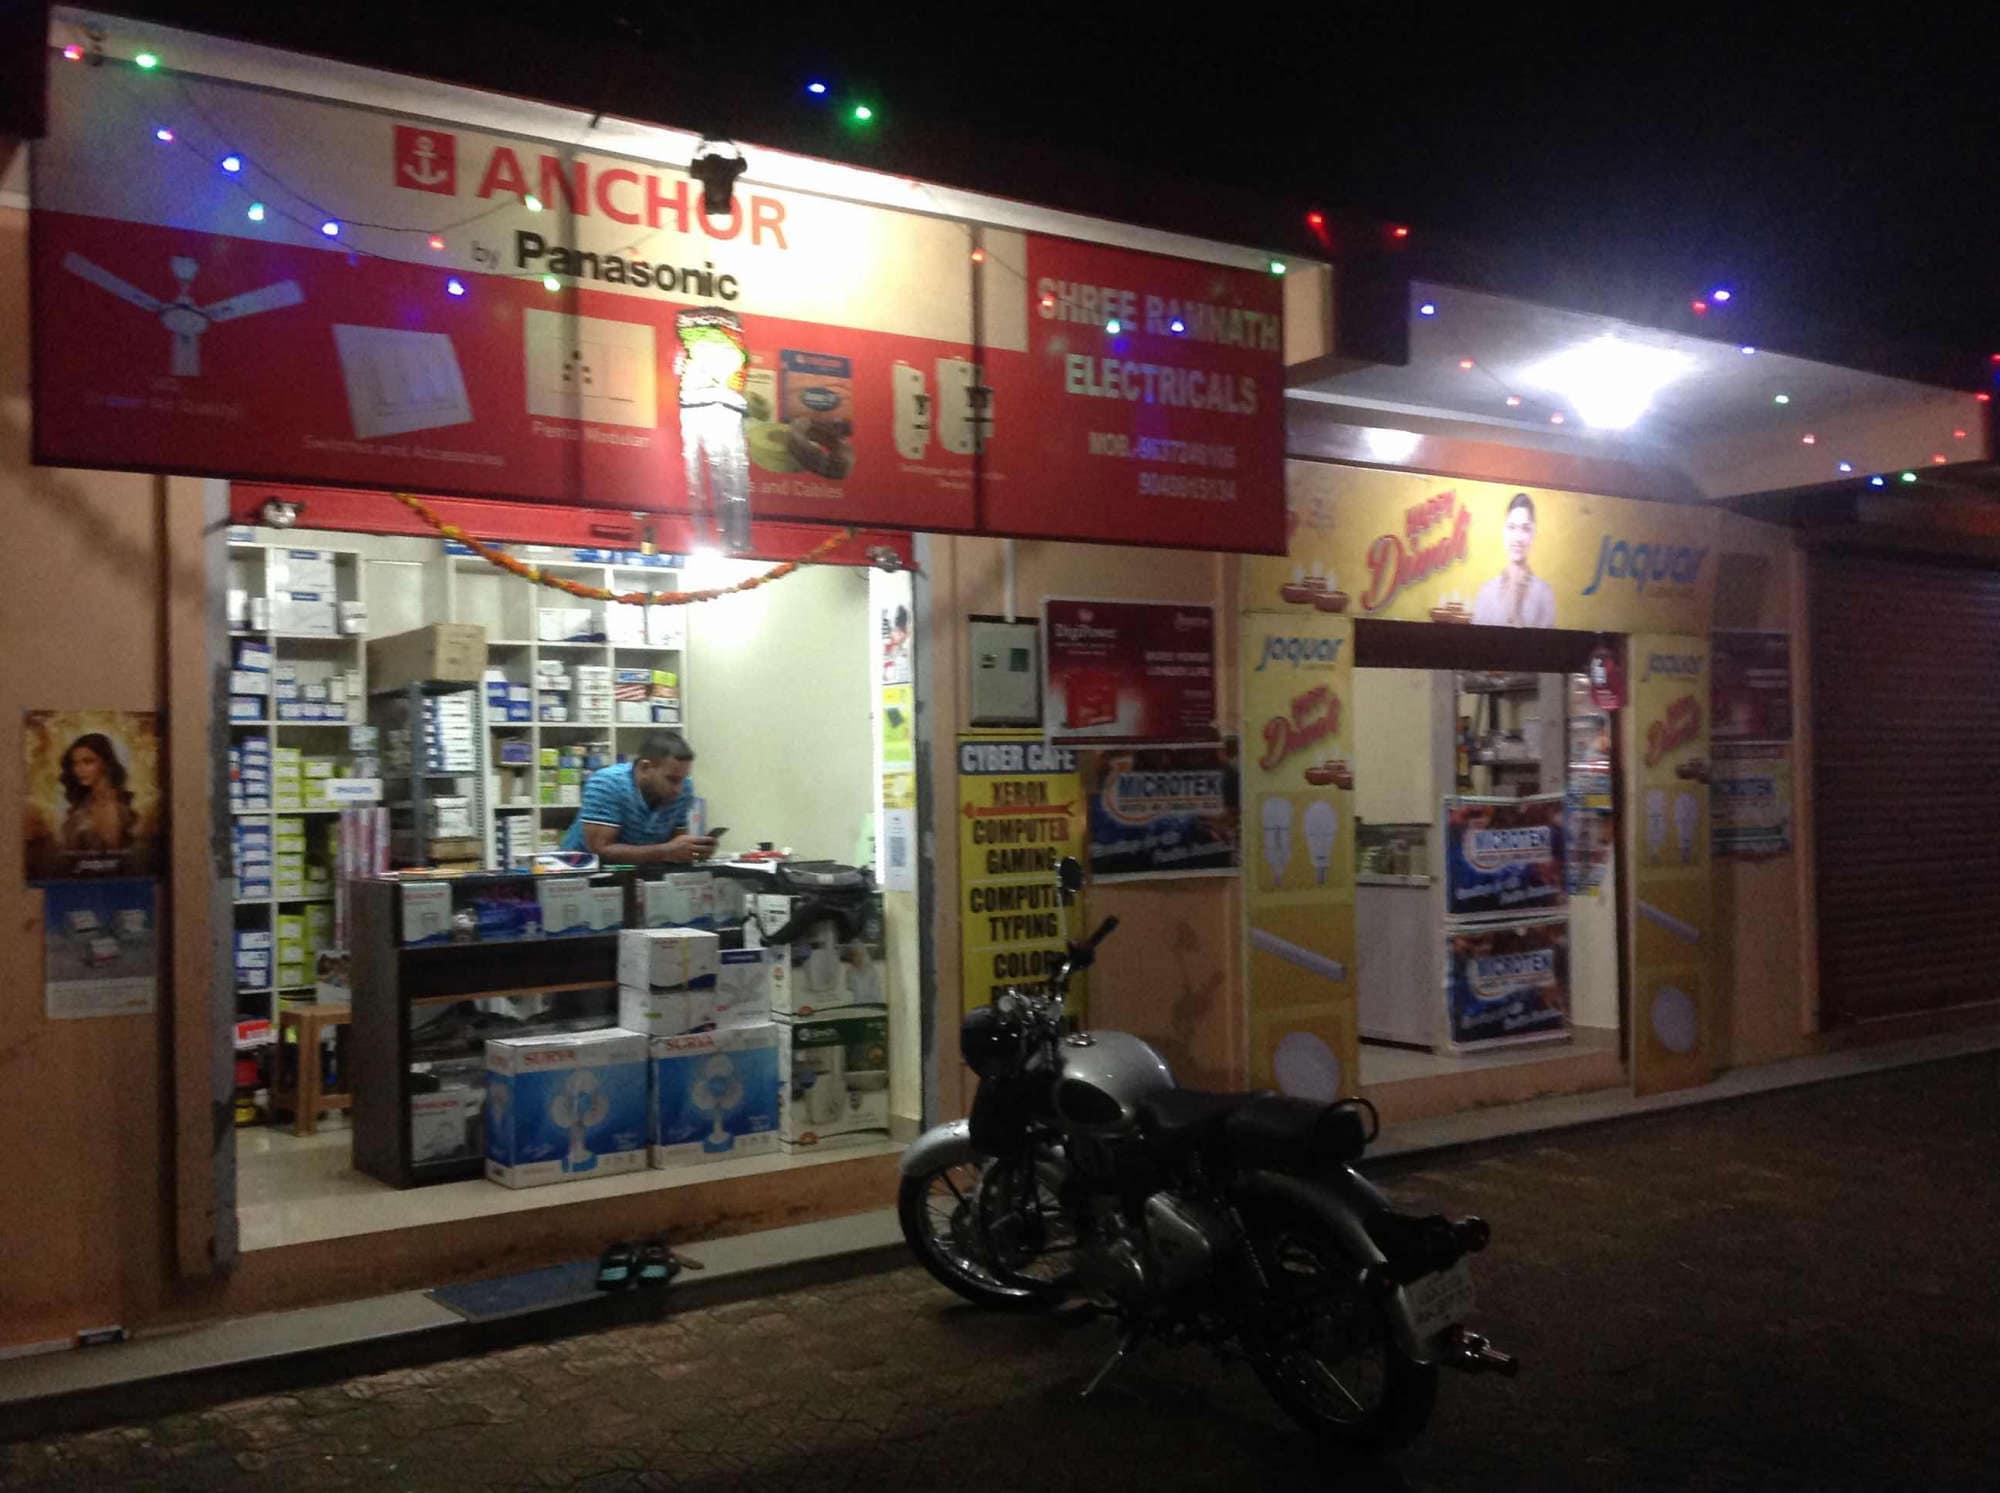 Top Emerson Ups Distributors in Goa - Best Emerson Ups Distributors